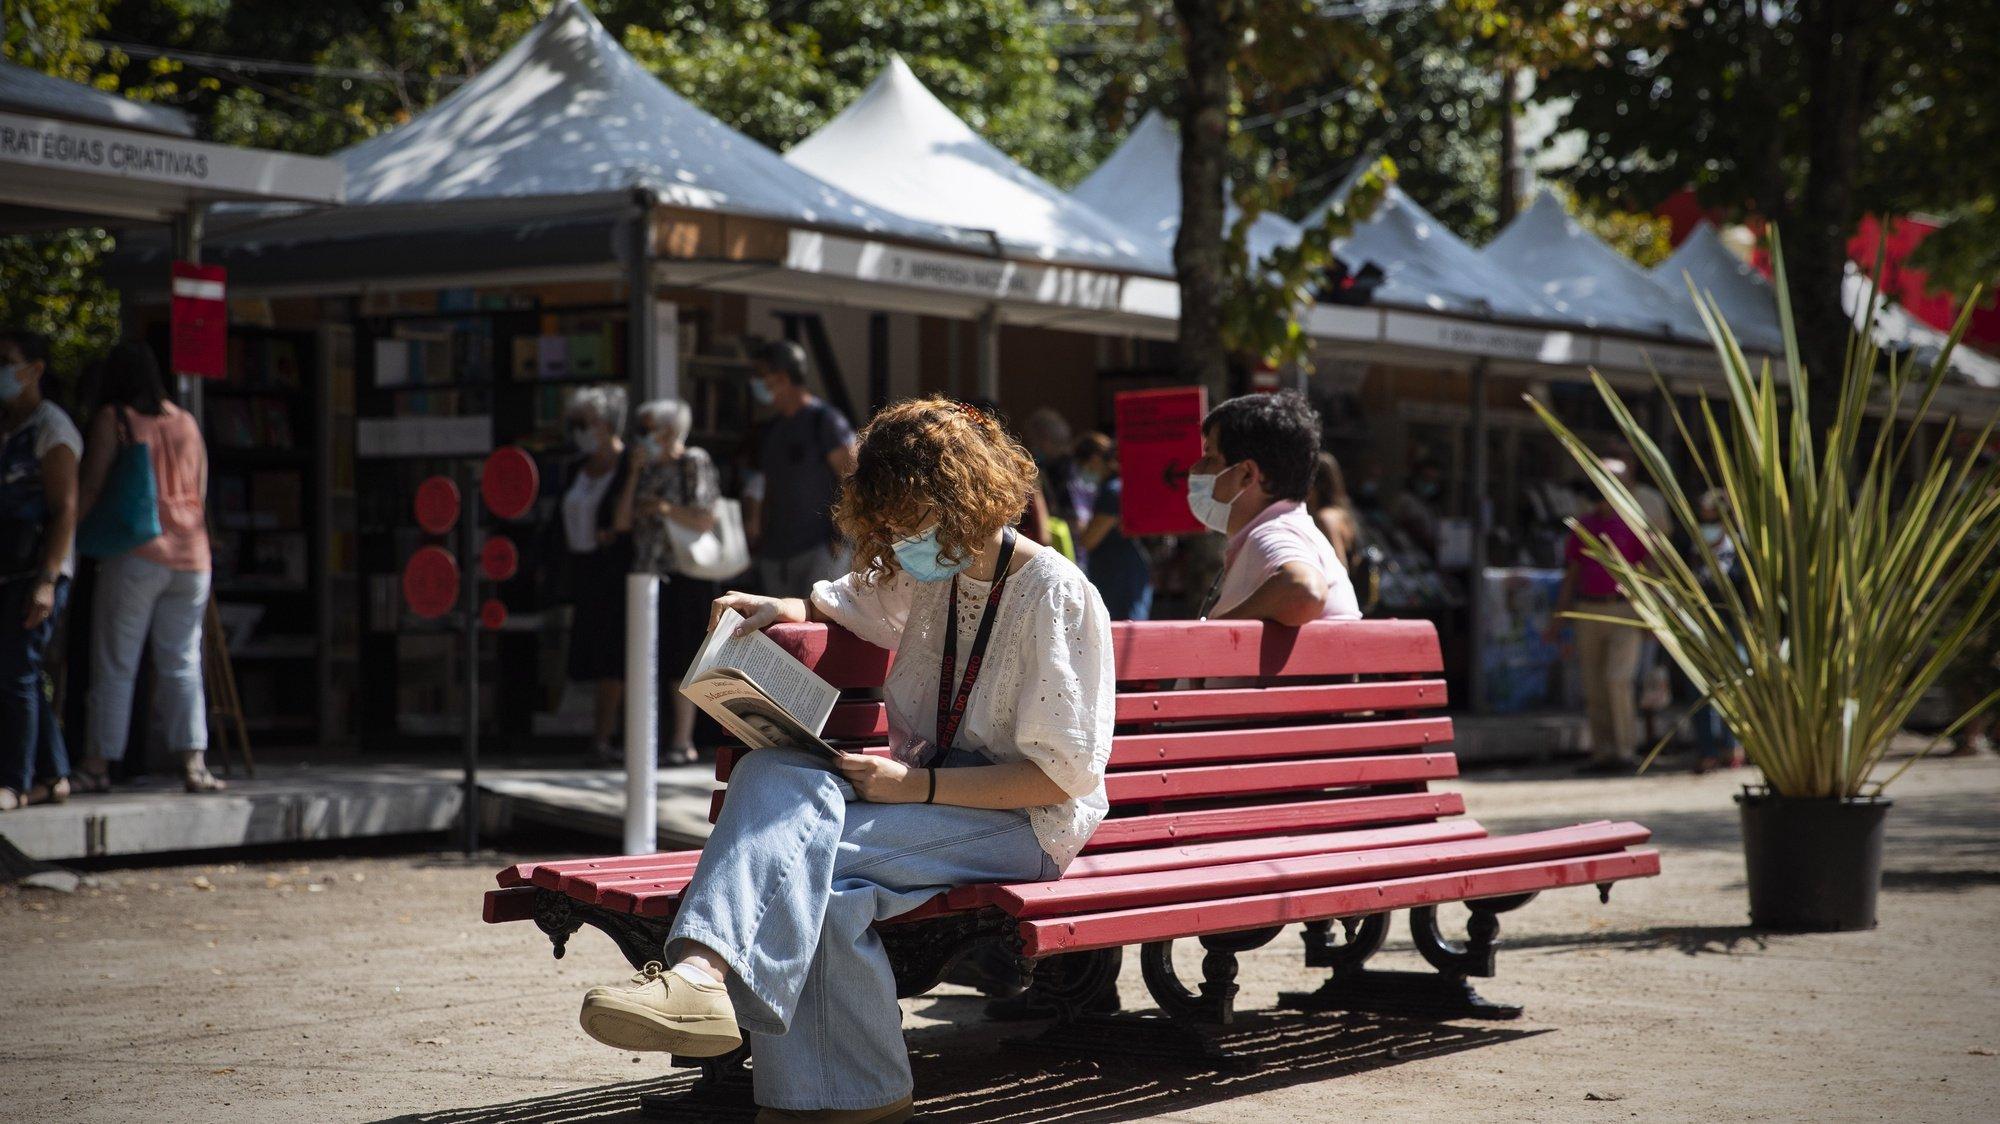 Visitantes da 8.ª edição da Feira do Livro do Porto, Jardins do Palácio de Cristal, Porto, 27 de agosto de 2021. JOSÉ COELHO/LUSA